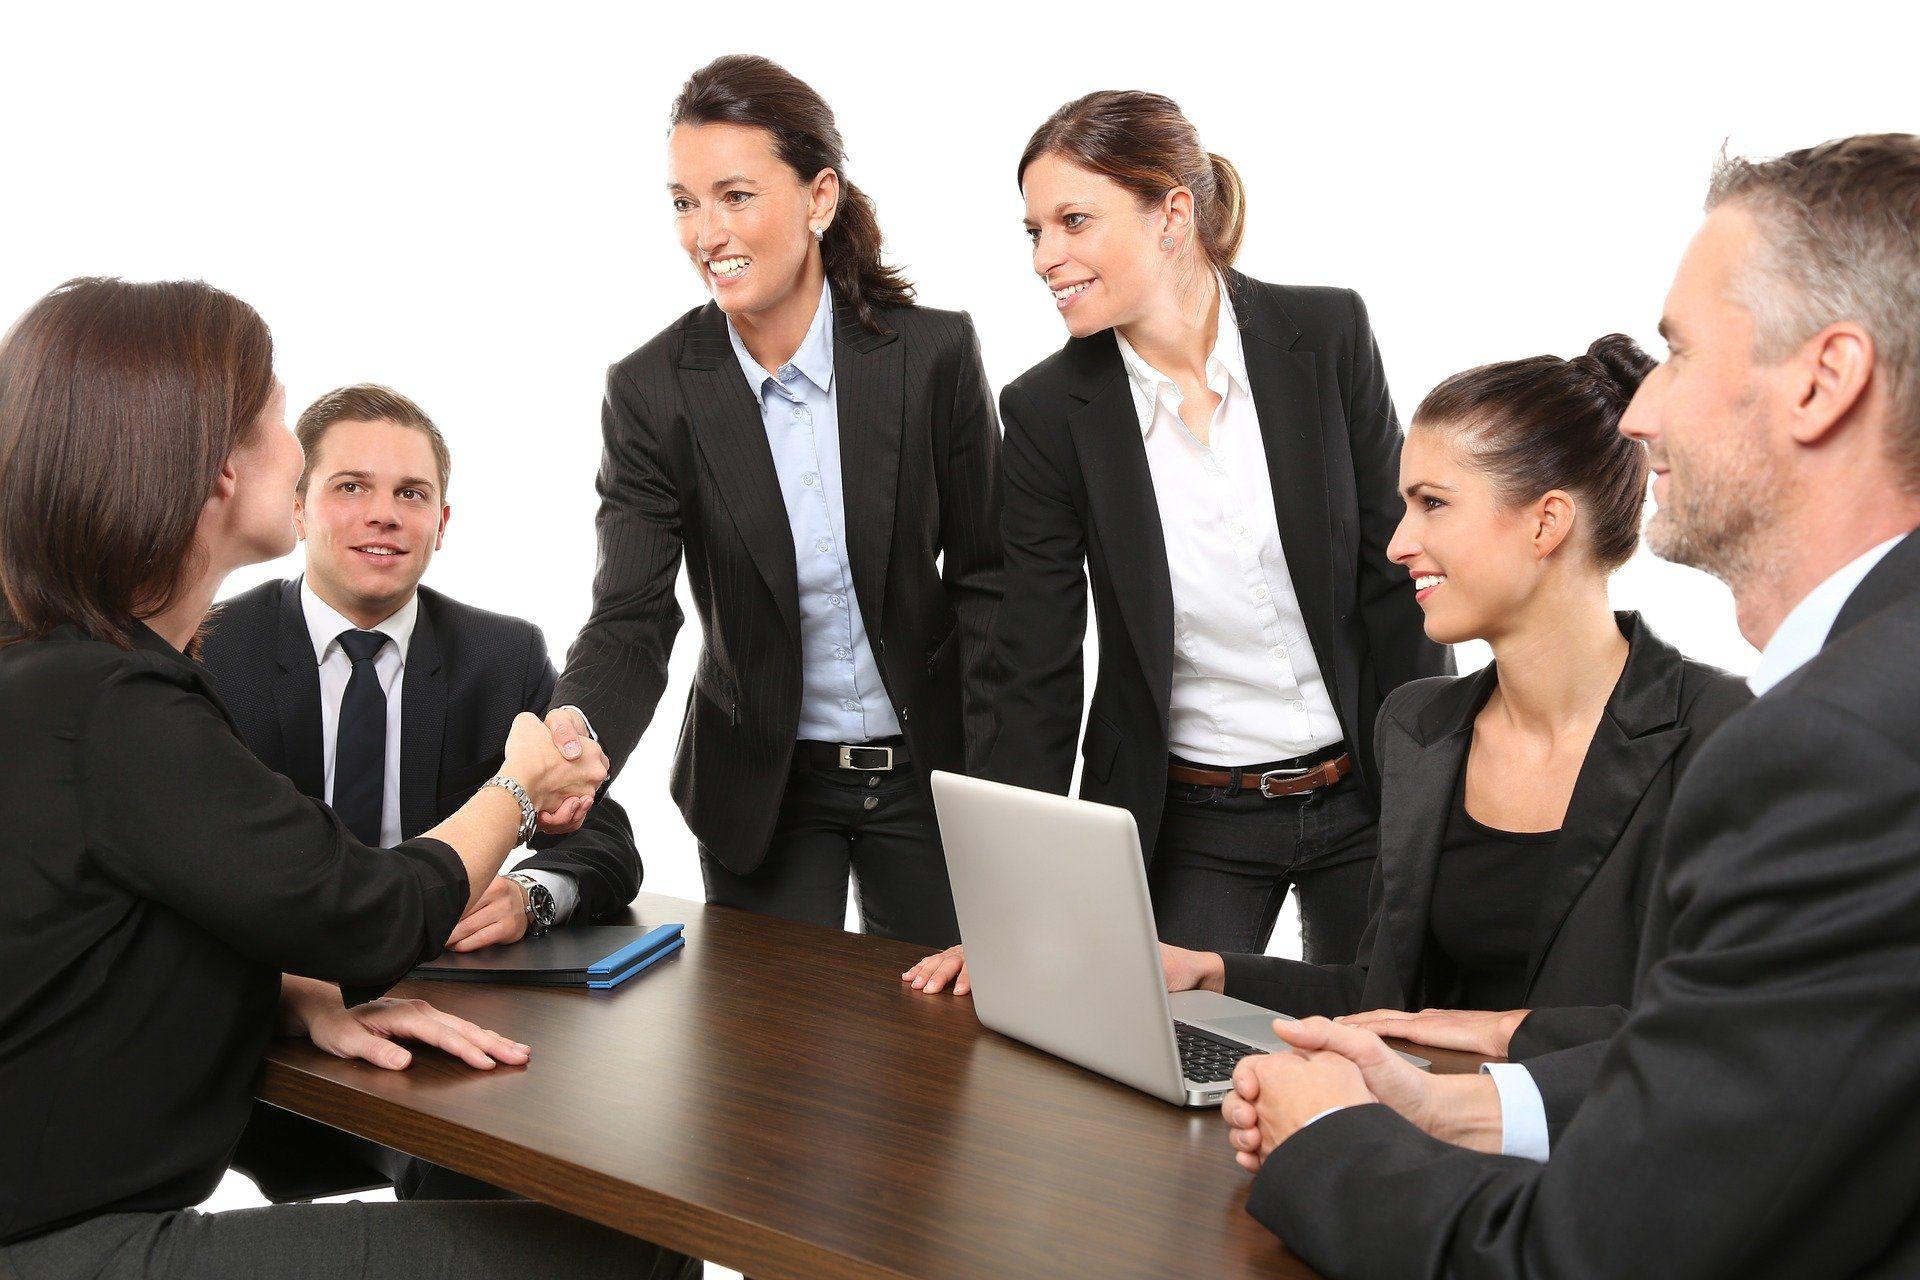 Curso Consultor SAP: Carrera profesional de presente y futuro con Elearning Digital